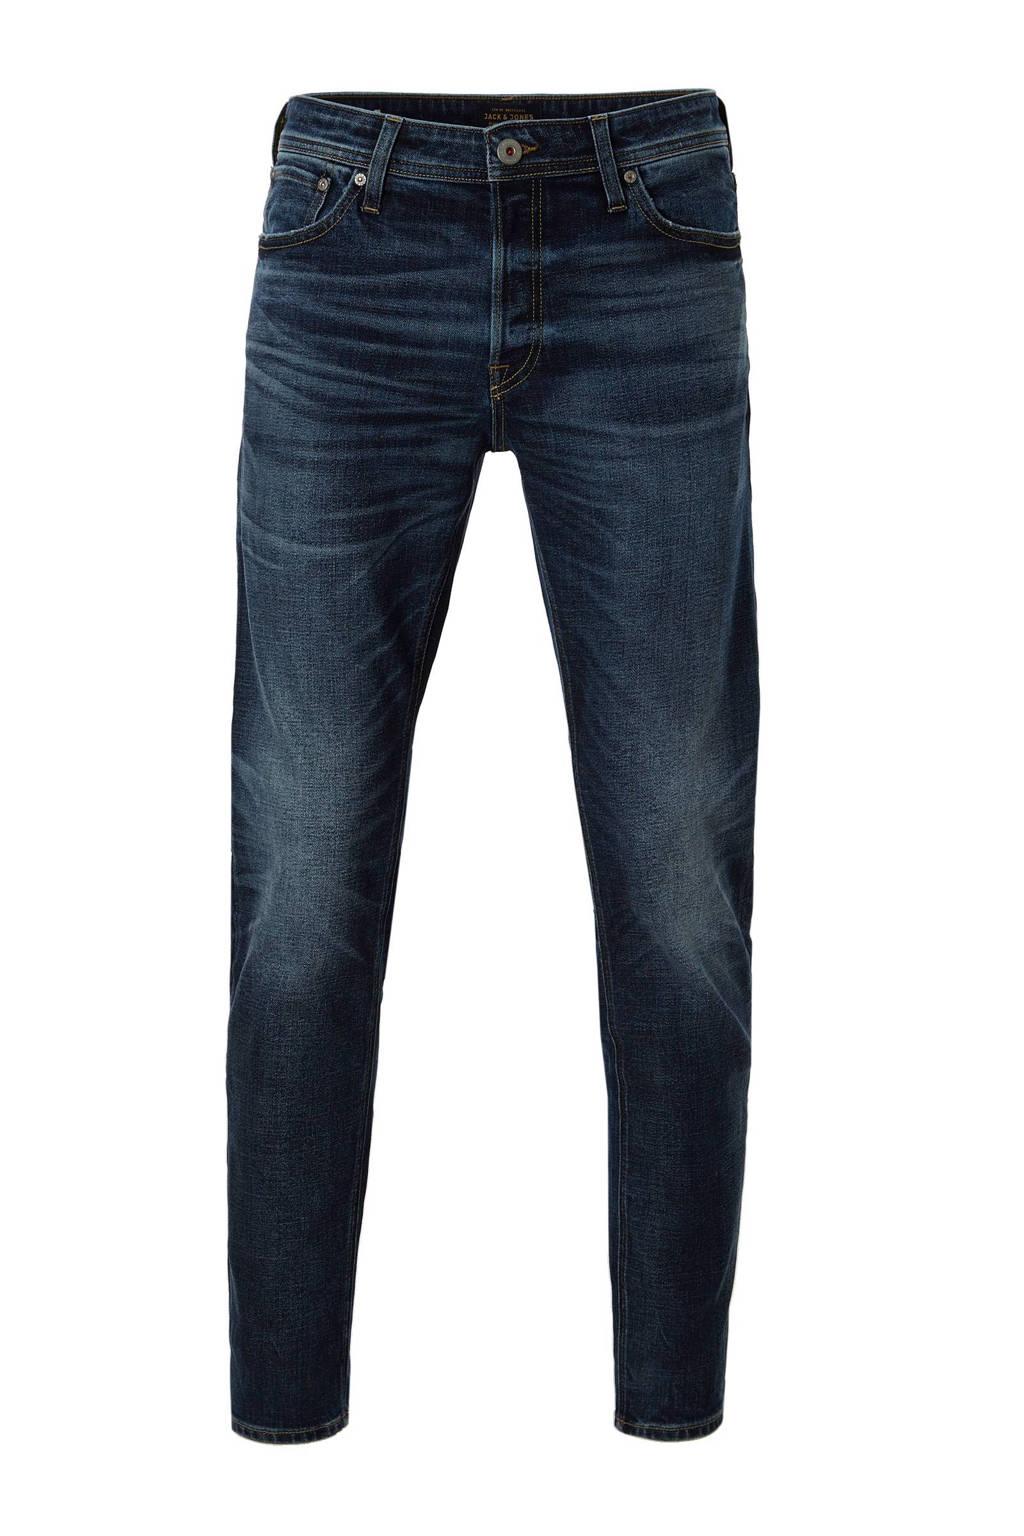 JACK & JONES regular fit jeans Mike, 771 Blue Denim